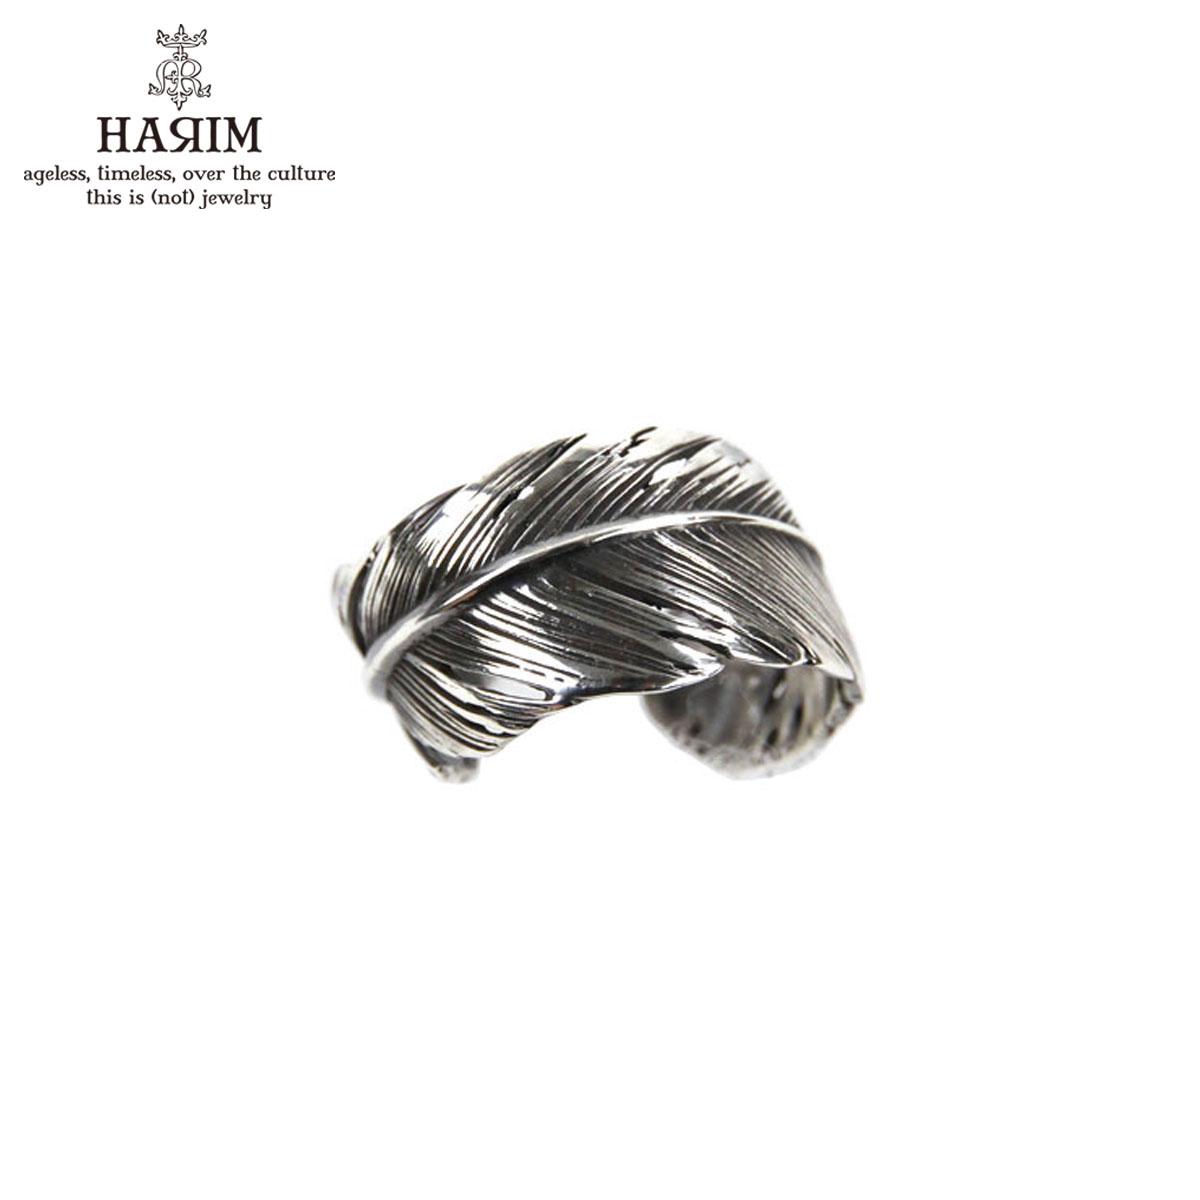 ハリム HARIM 指輪 リング HARIM FEATHER RING 2 SVBK HRR040 OX SILVER 925 OXIDIZED BLACK